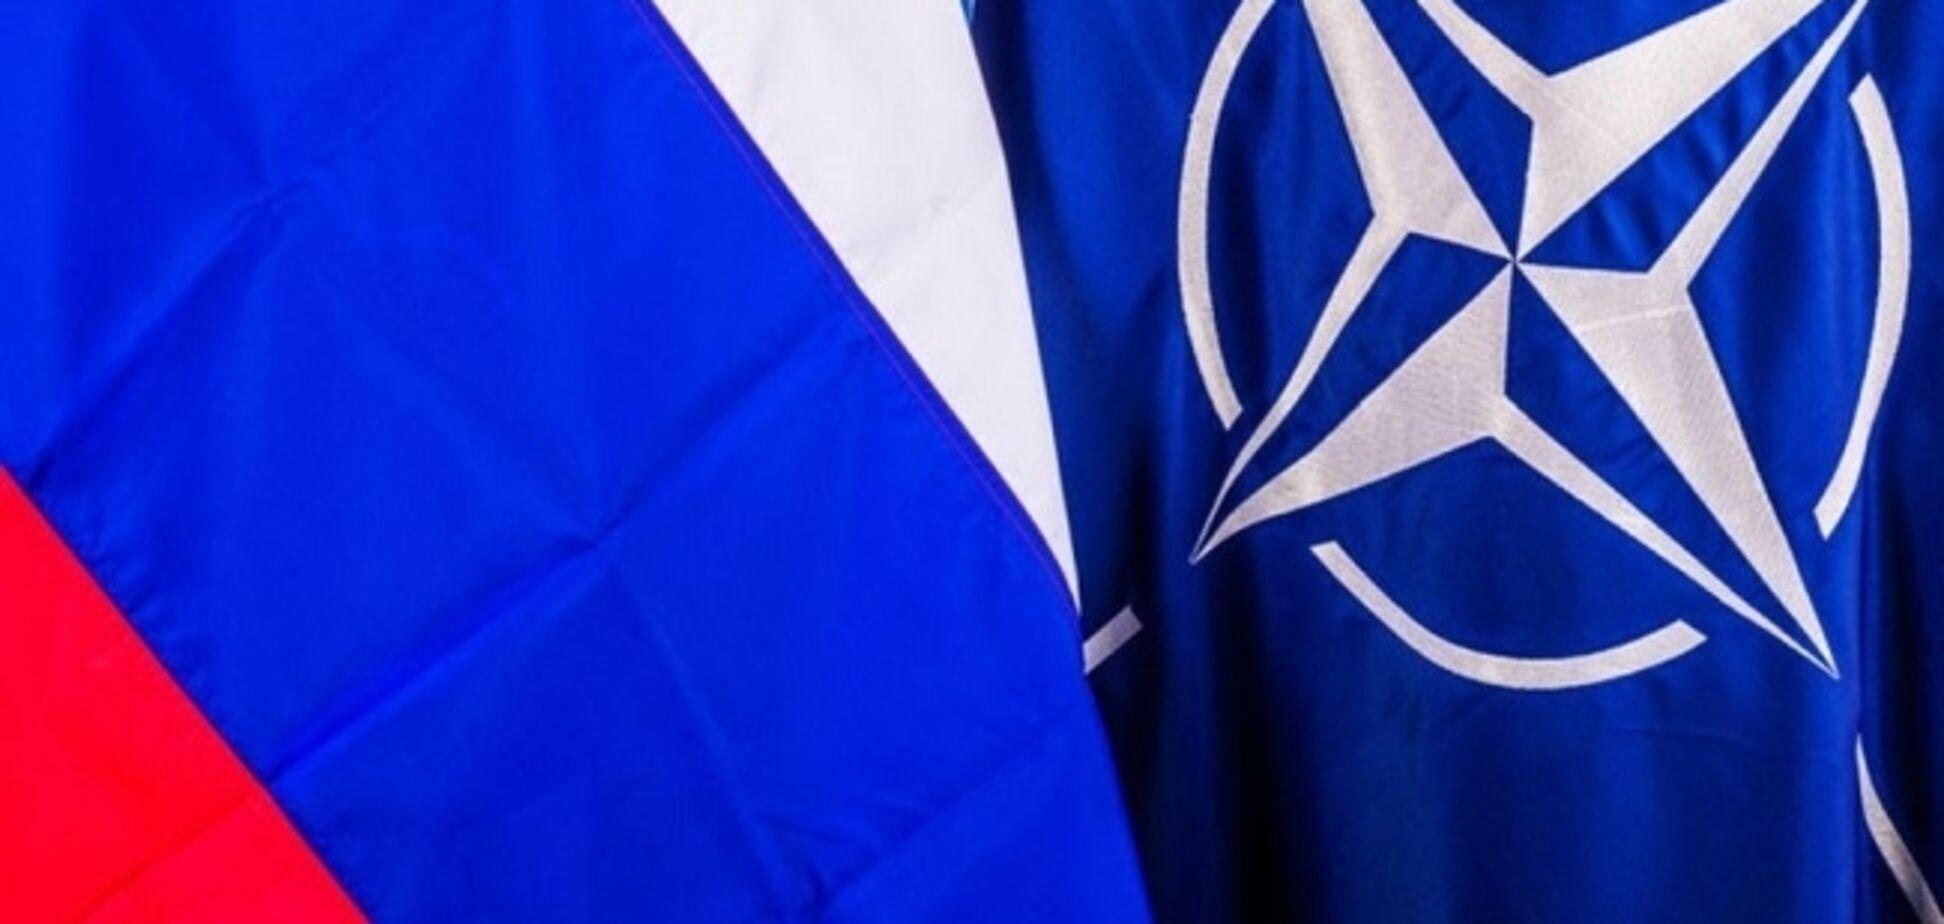 Разрыв ракетного договора США и России: в НАТО назвали виновных